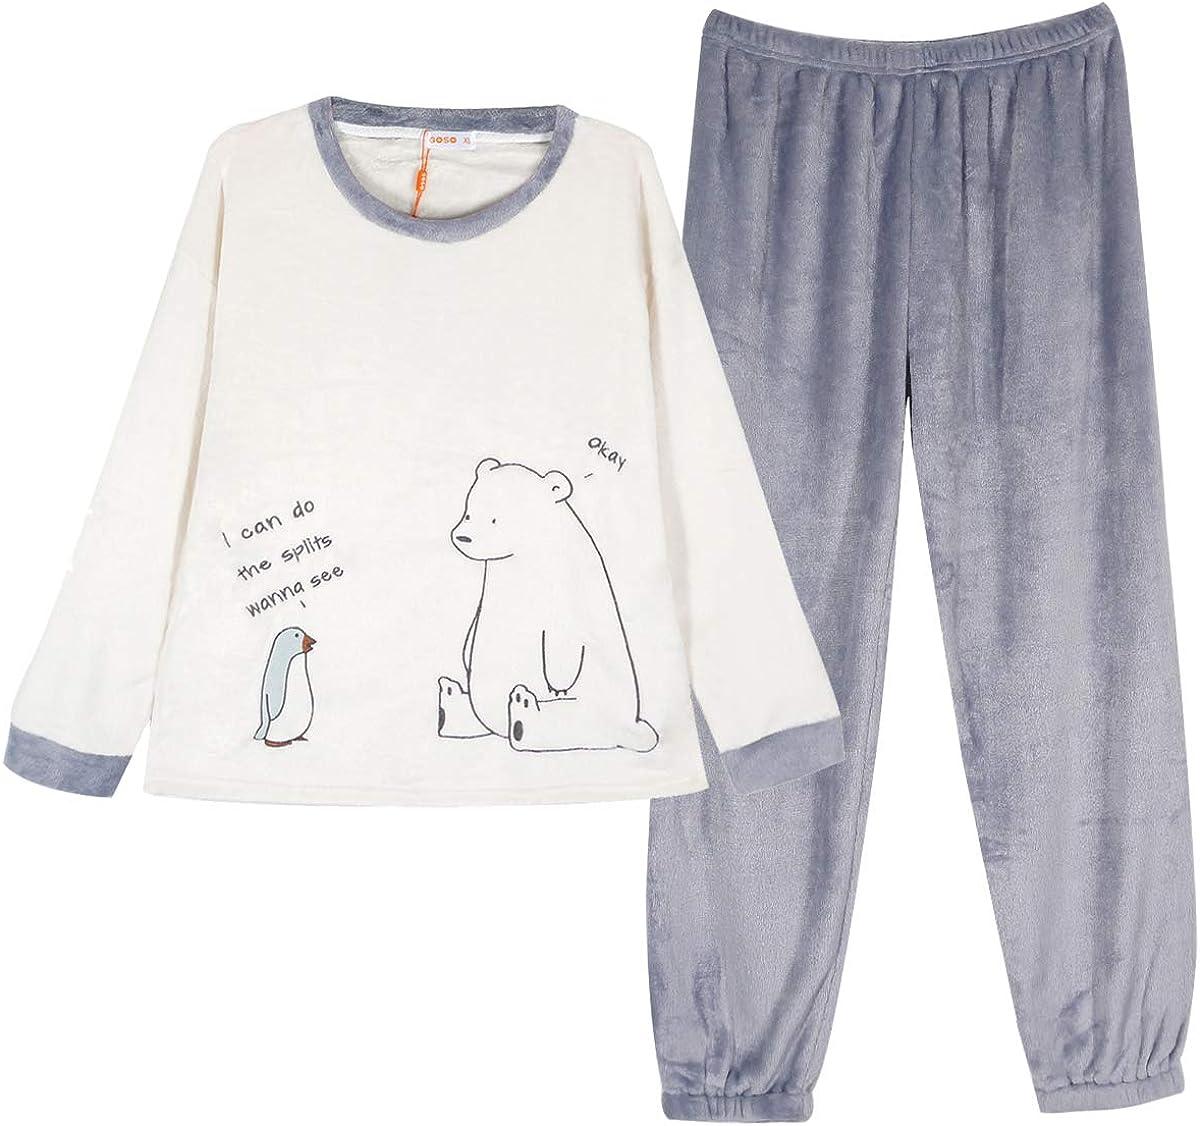 GOSO Pigiama e Pantaloni Lunghi per Adolescenti e Ragazze in Pile Caldo Invernale Pigiama da Bambina Pigiama da Bambina